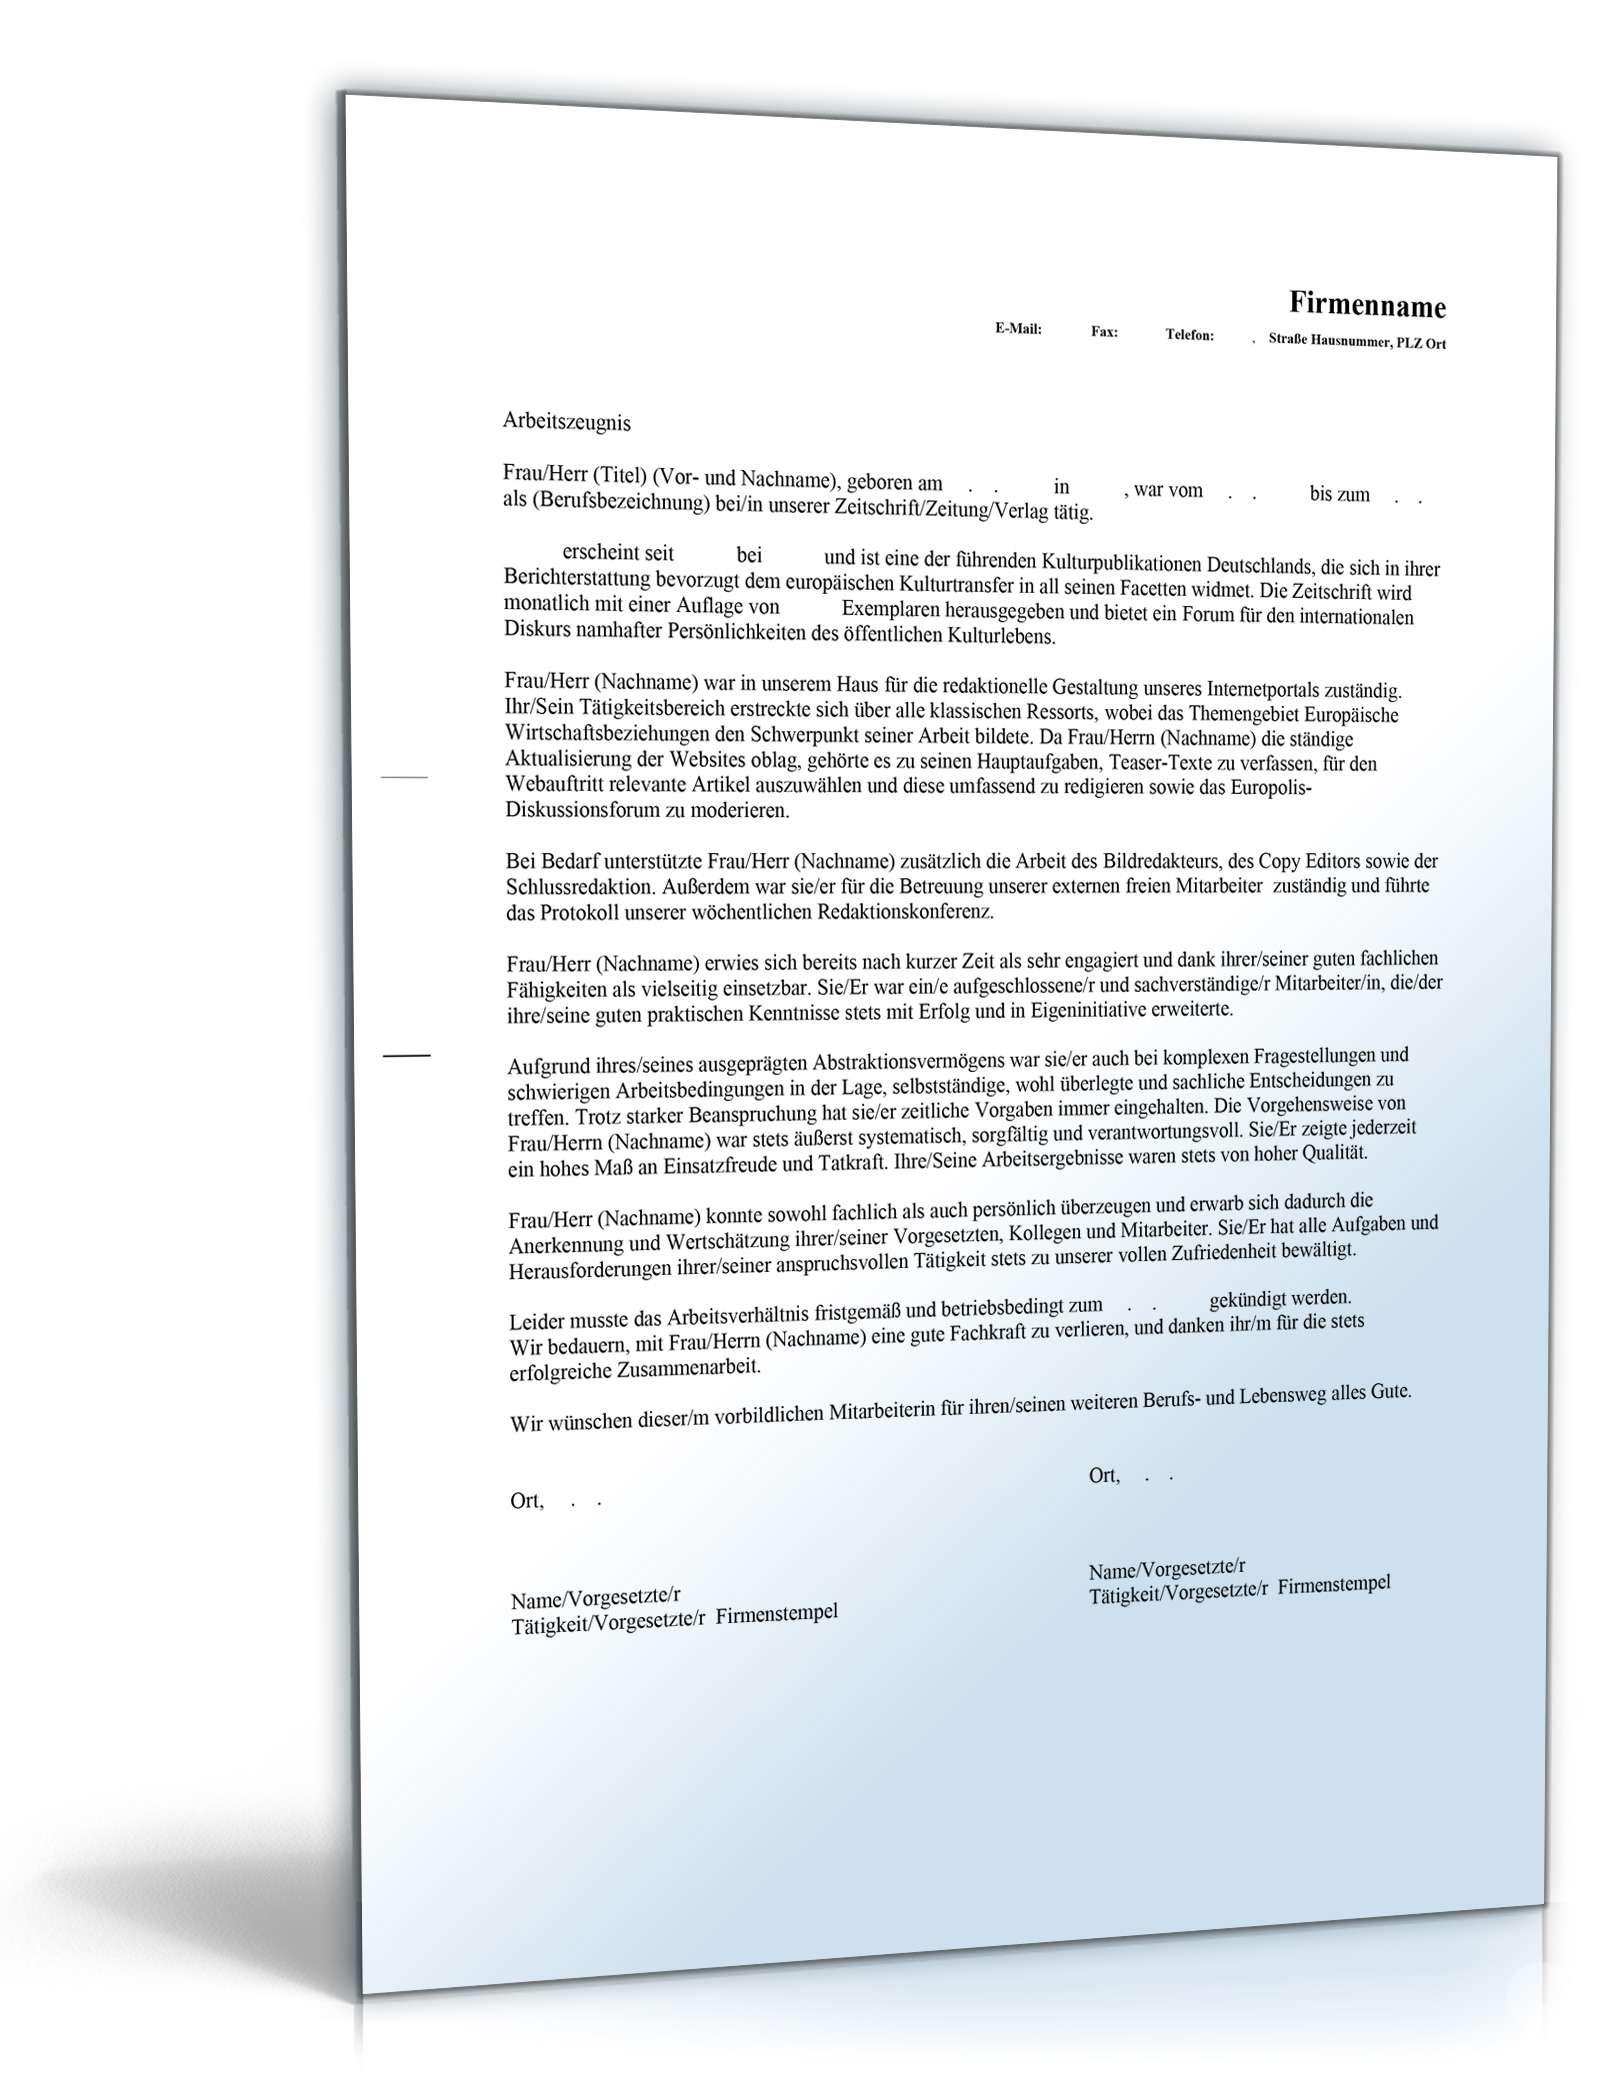 Charmant Vertraulichkeitsvereinbarung Formular Bilder - Bilder für ...